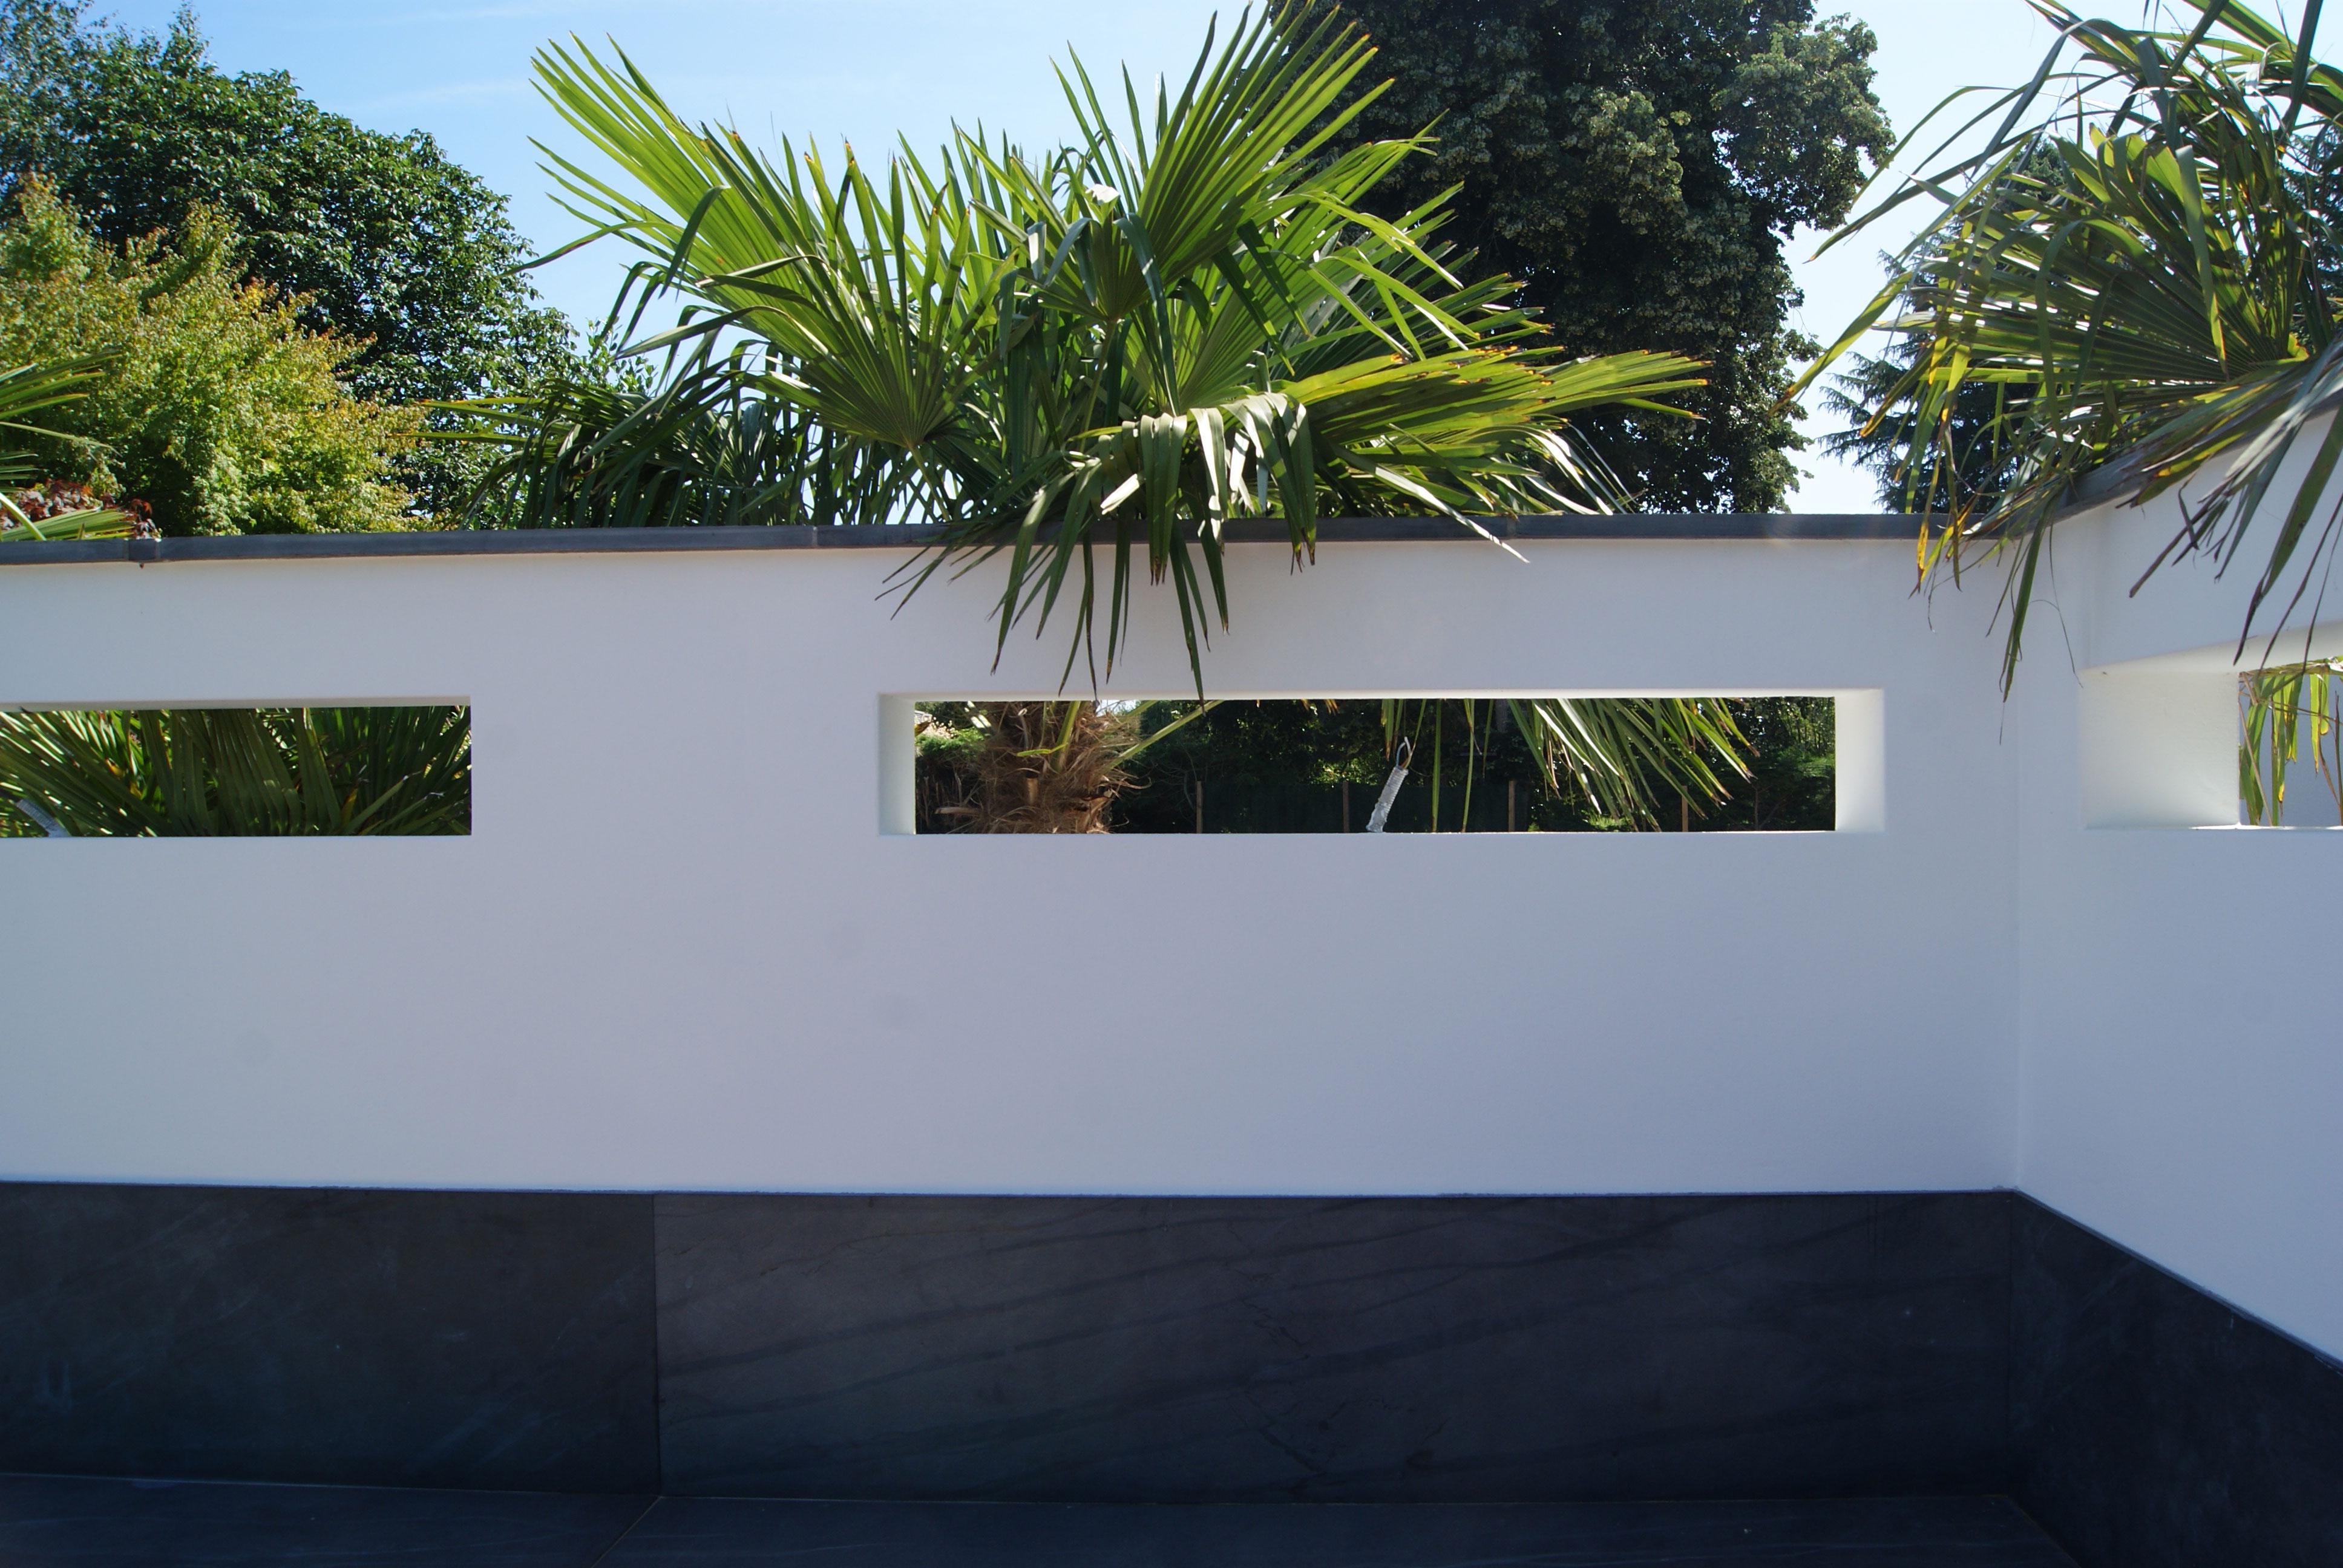 Mur enduit meurtrière. Palmier. Jardin Exotique. Jardin Contemporain. Jardins des 4 Saisons. Guer, Ploërmel, Redon, Plélan-Le-Grand, Maure de Bretagne